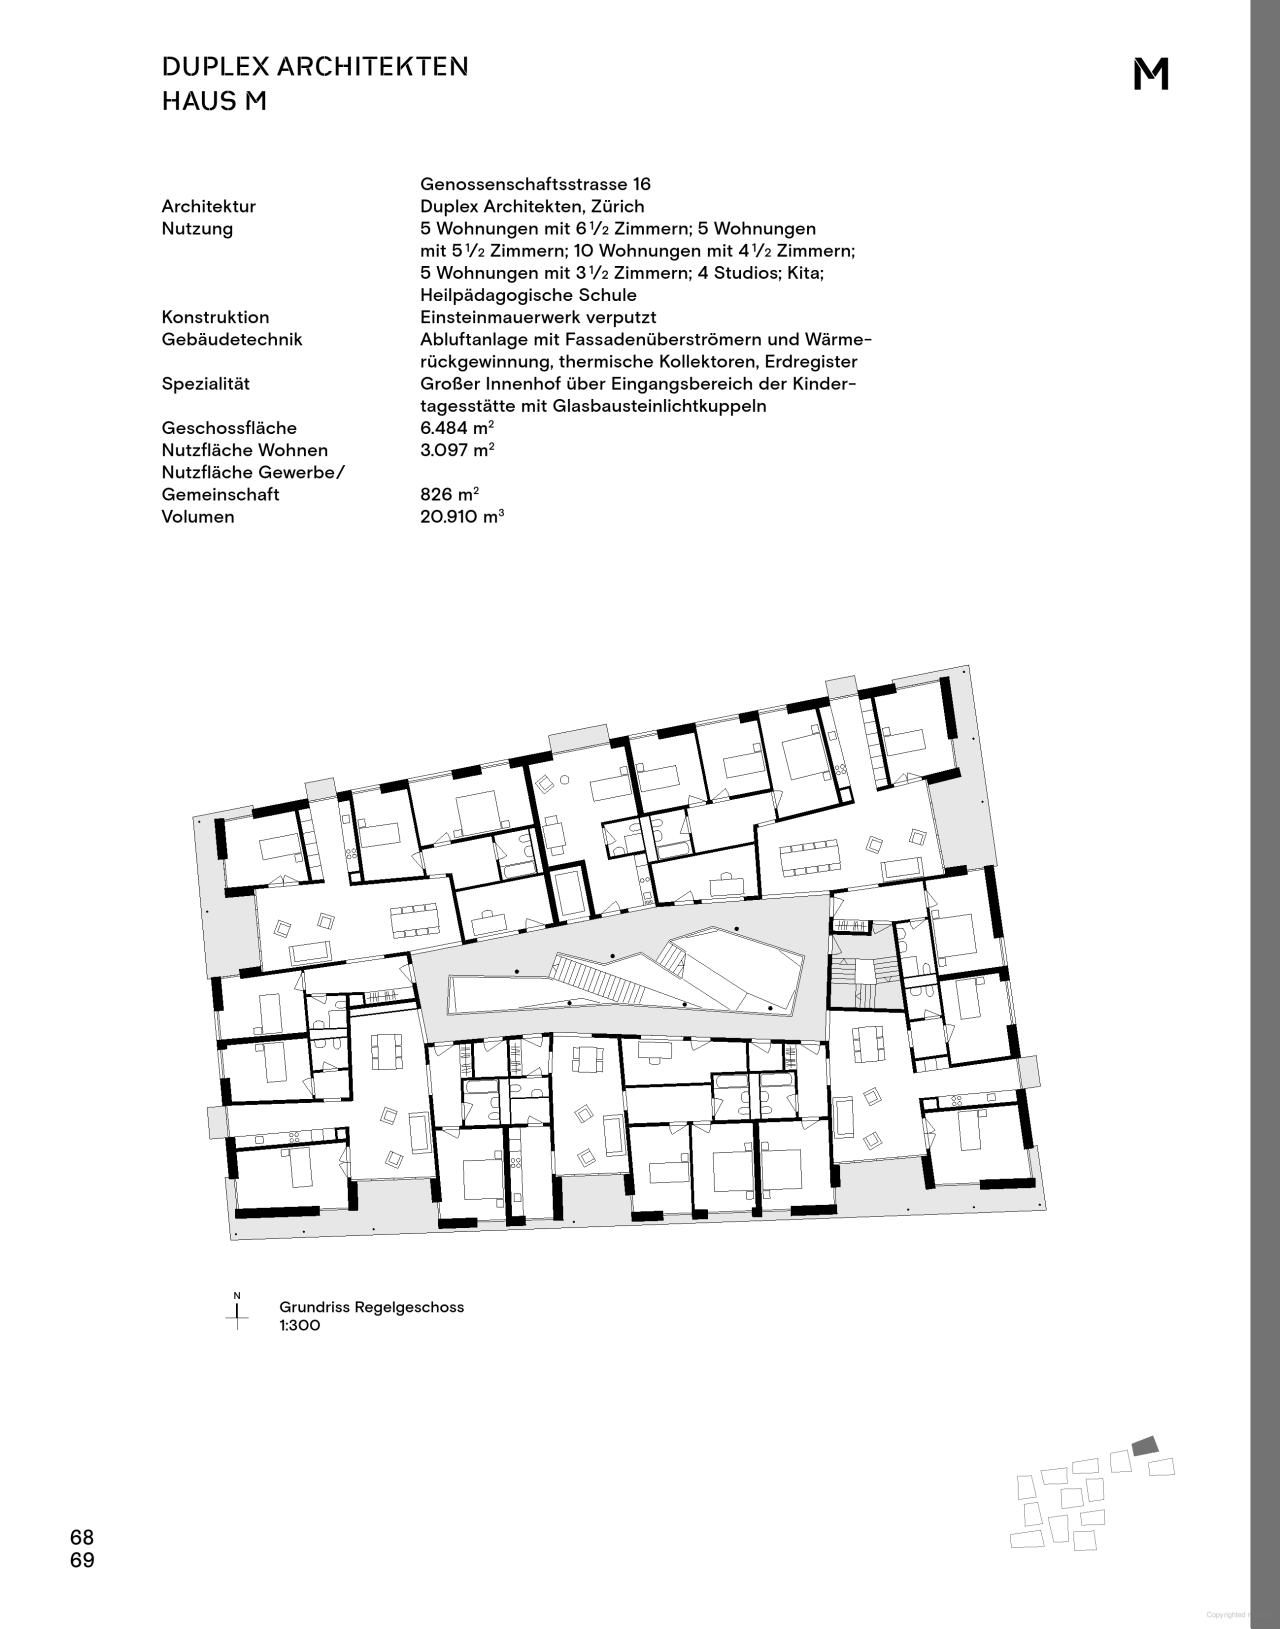 Elegant Mehr Als Wohnen Baugenossenschaft Zürich Haus M   Duplex Architekten